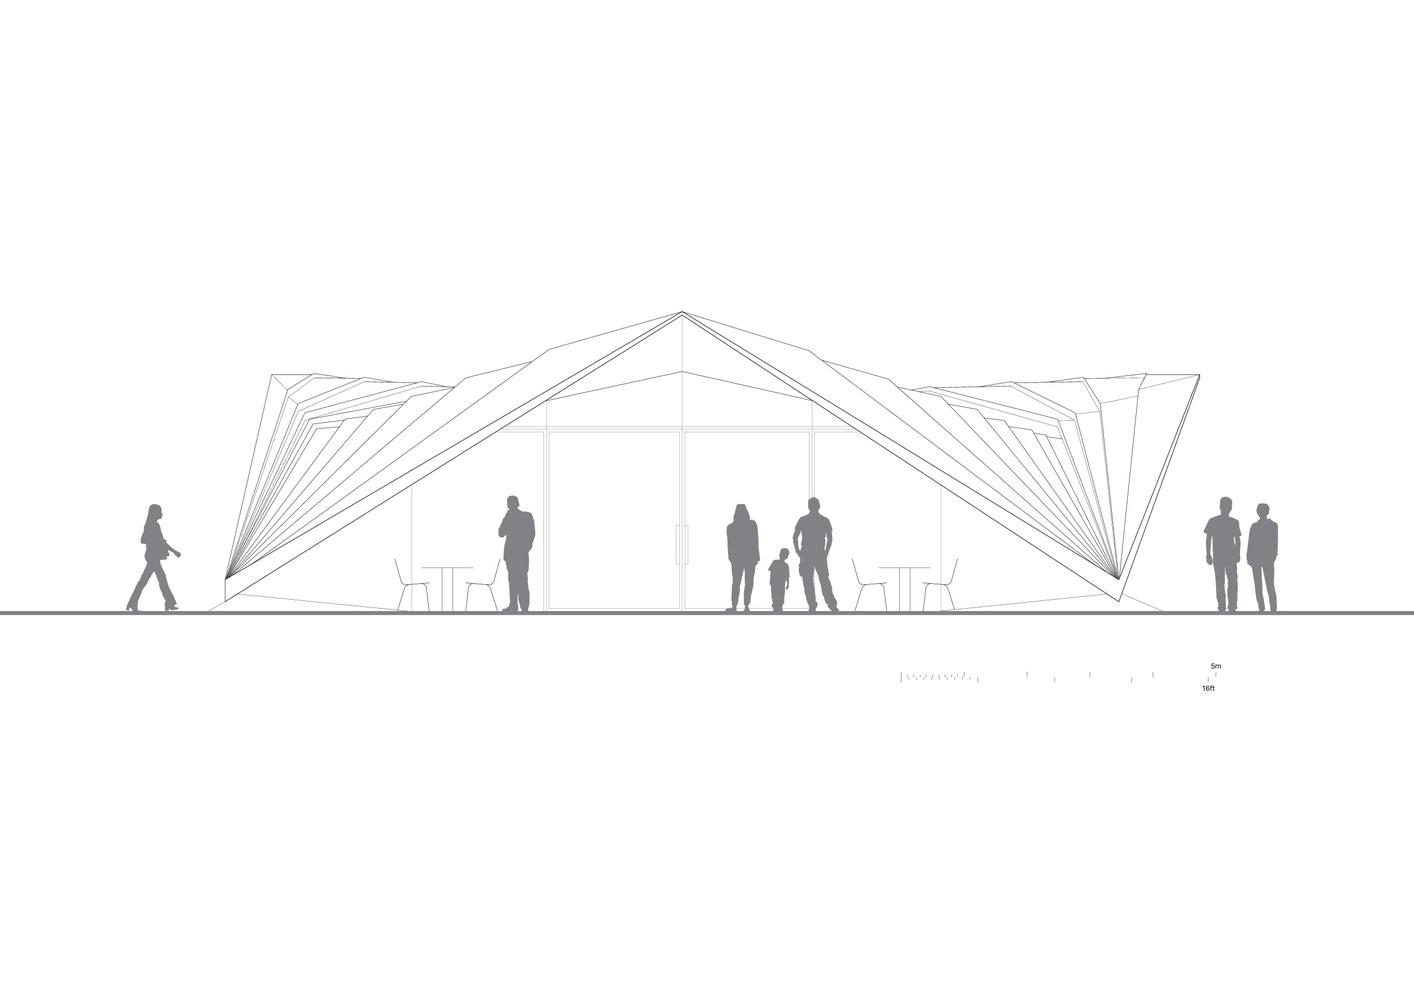 Portsoken PavilionElevation  sc 1 st  ArchDaily & Gallery of Portsoken Pavilion / Make Architects - 18